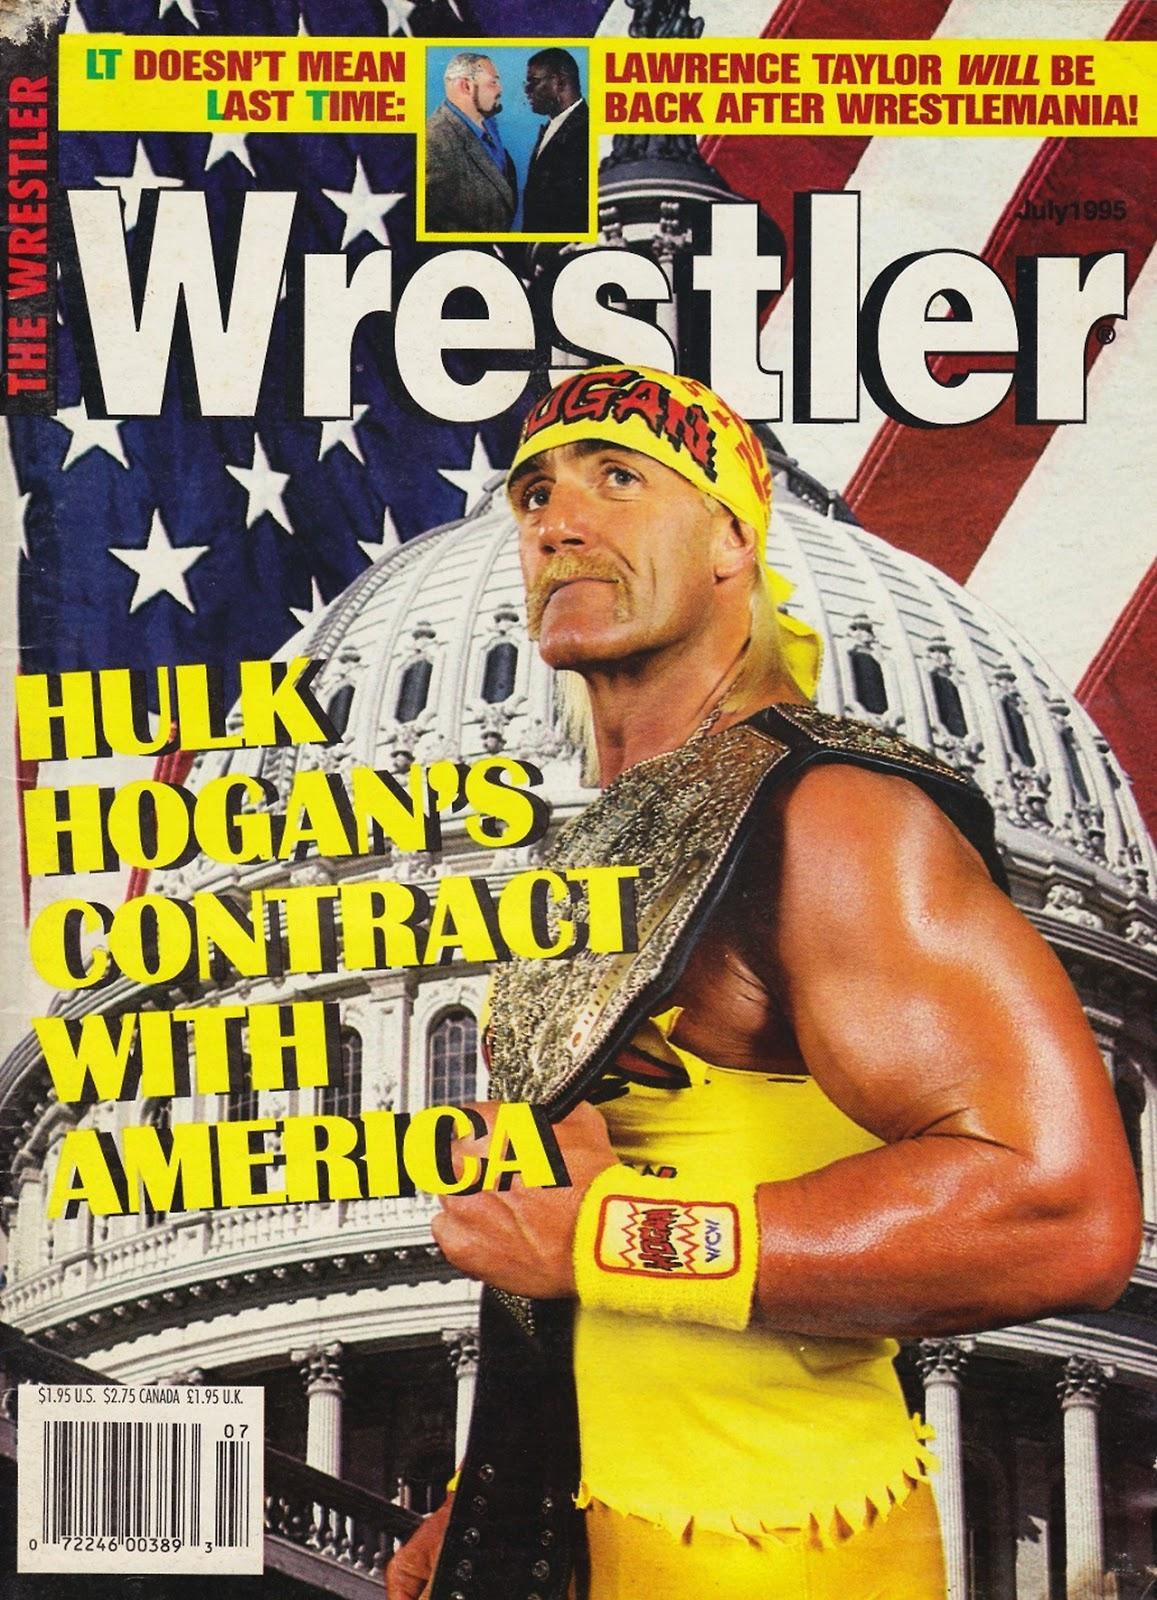 Hulk hogan 1994-5753